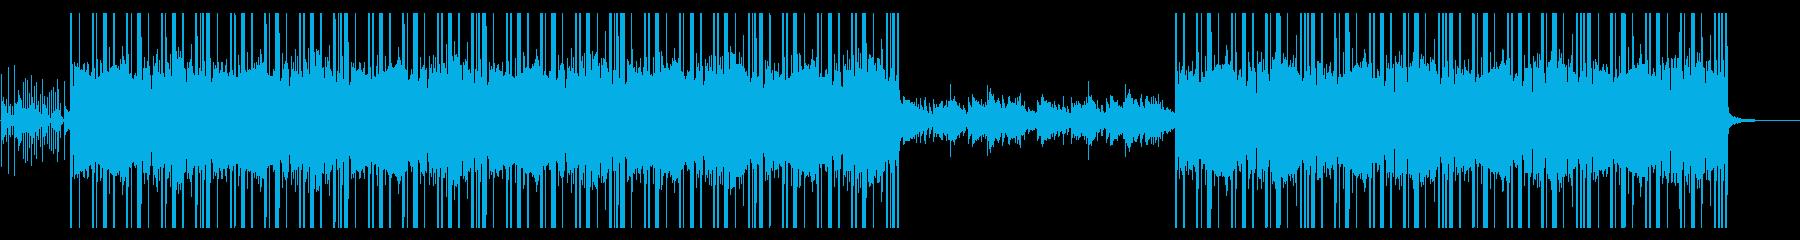 Vtuber向けBGM 和風ヒップホップの再生済みの波形